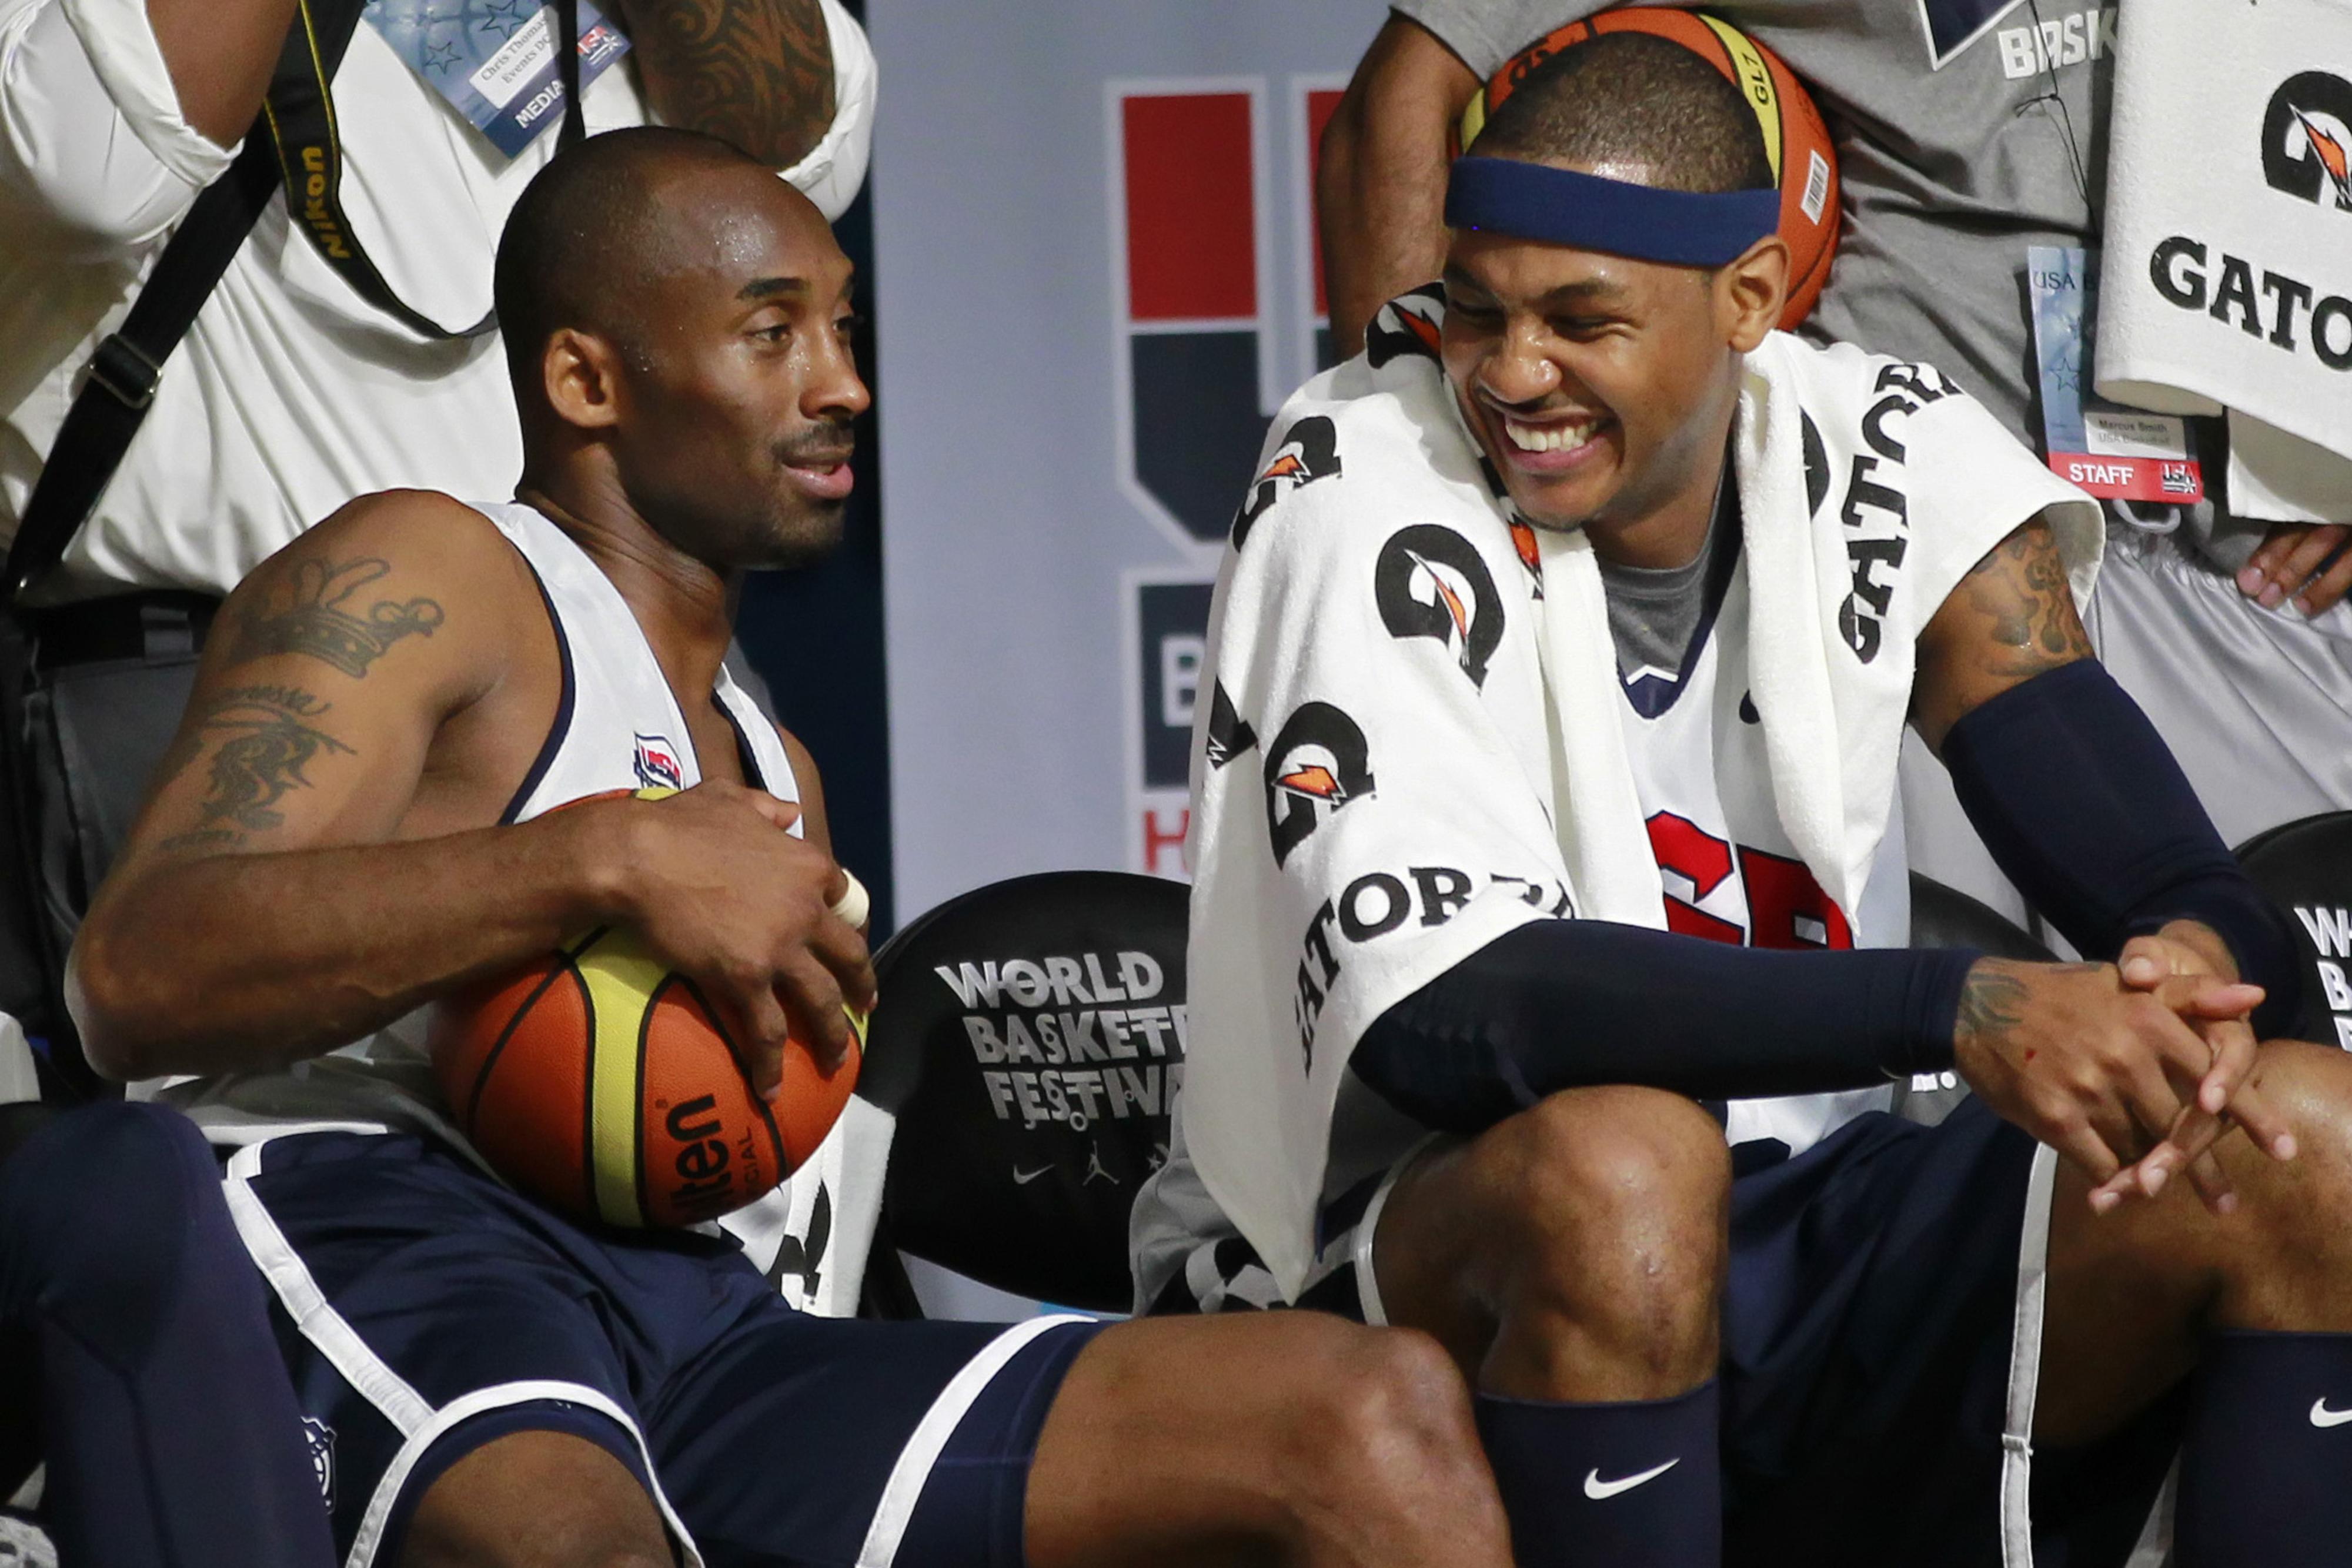 Kobe and Carmelo